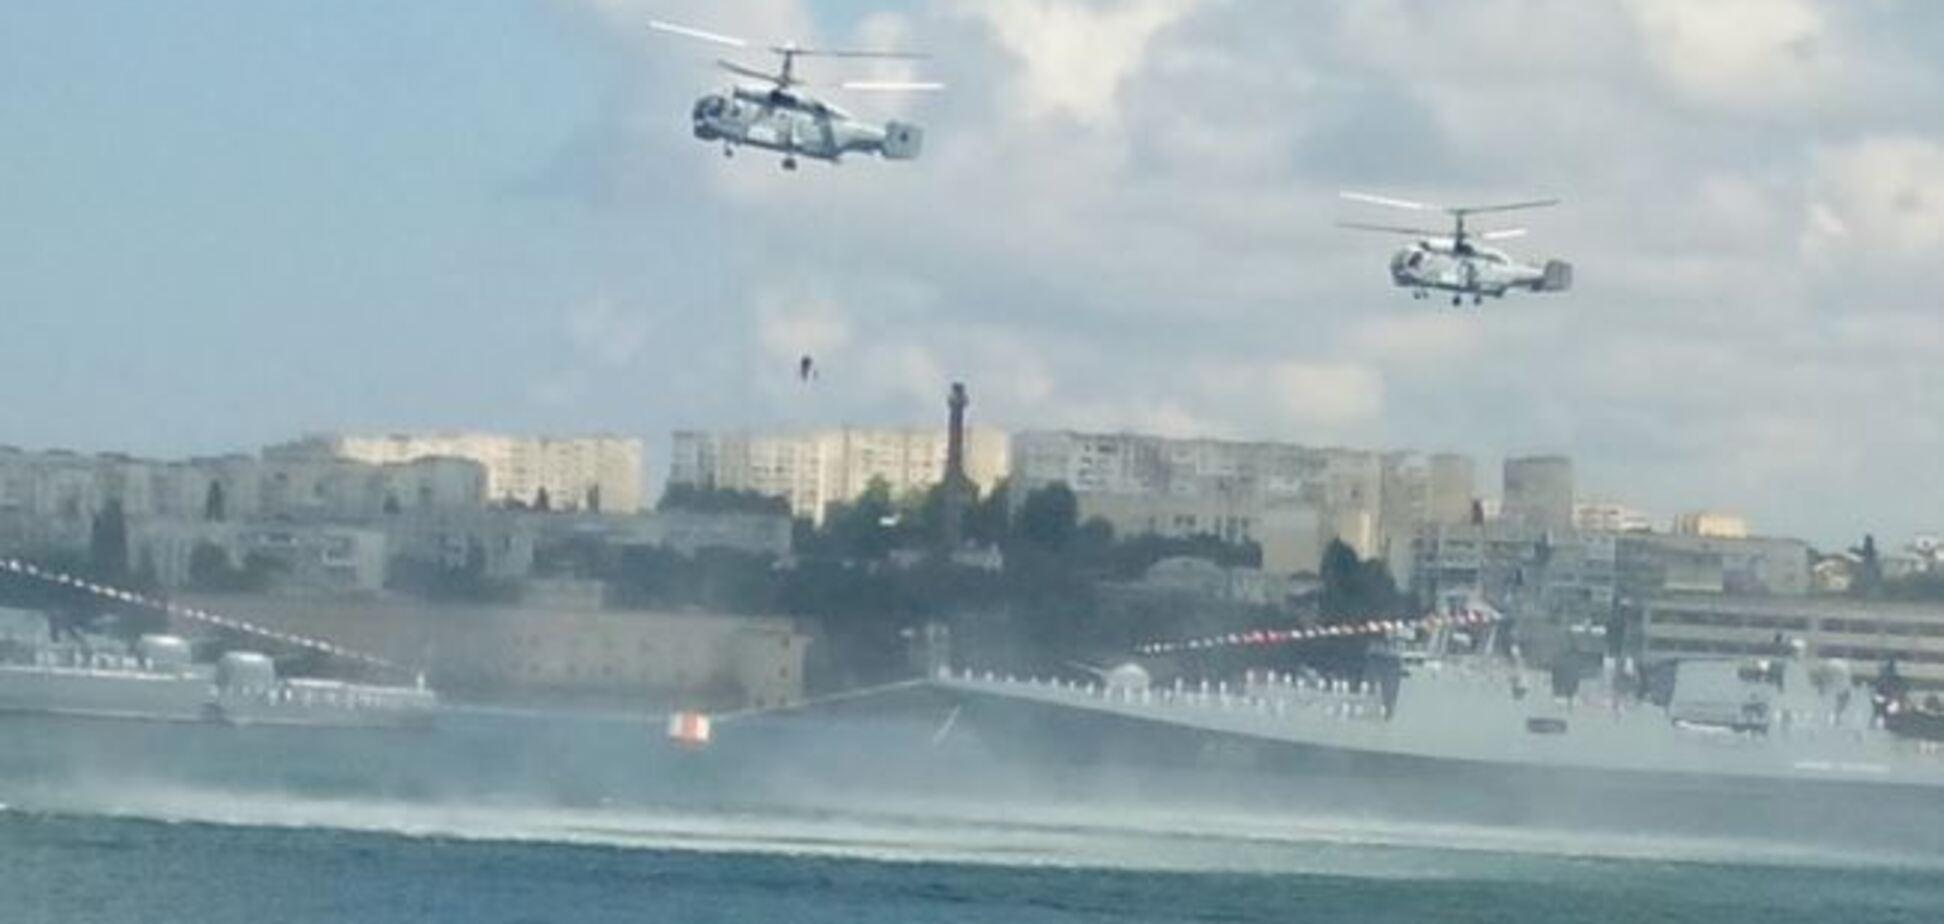 Чуть не утонул: российские военные эпично опозорились в Севастополе